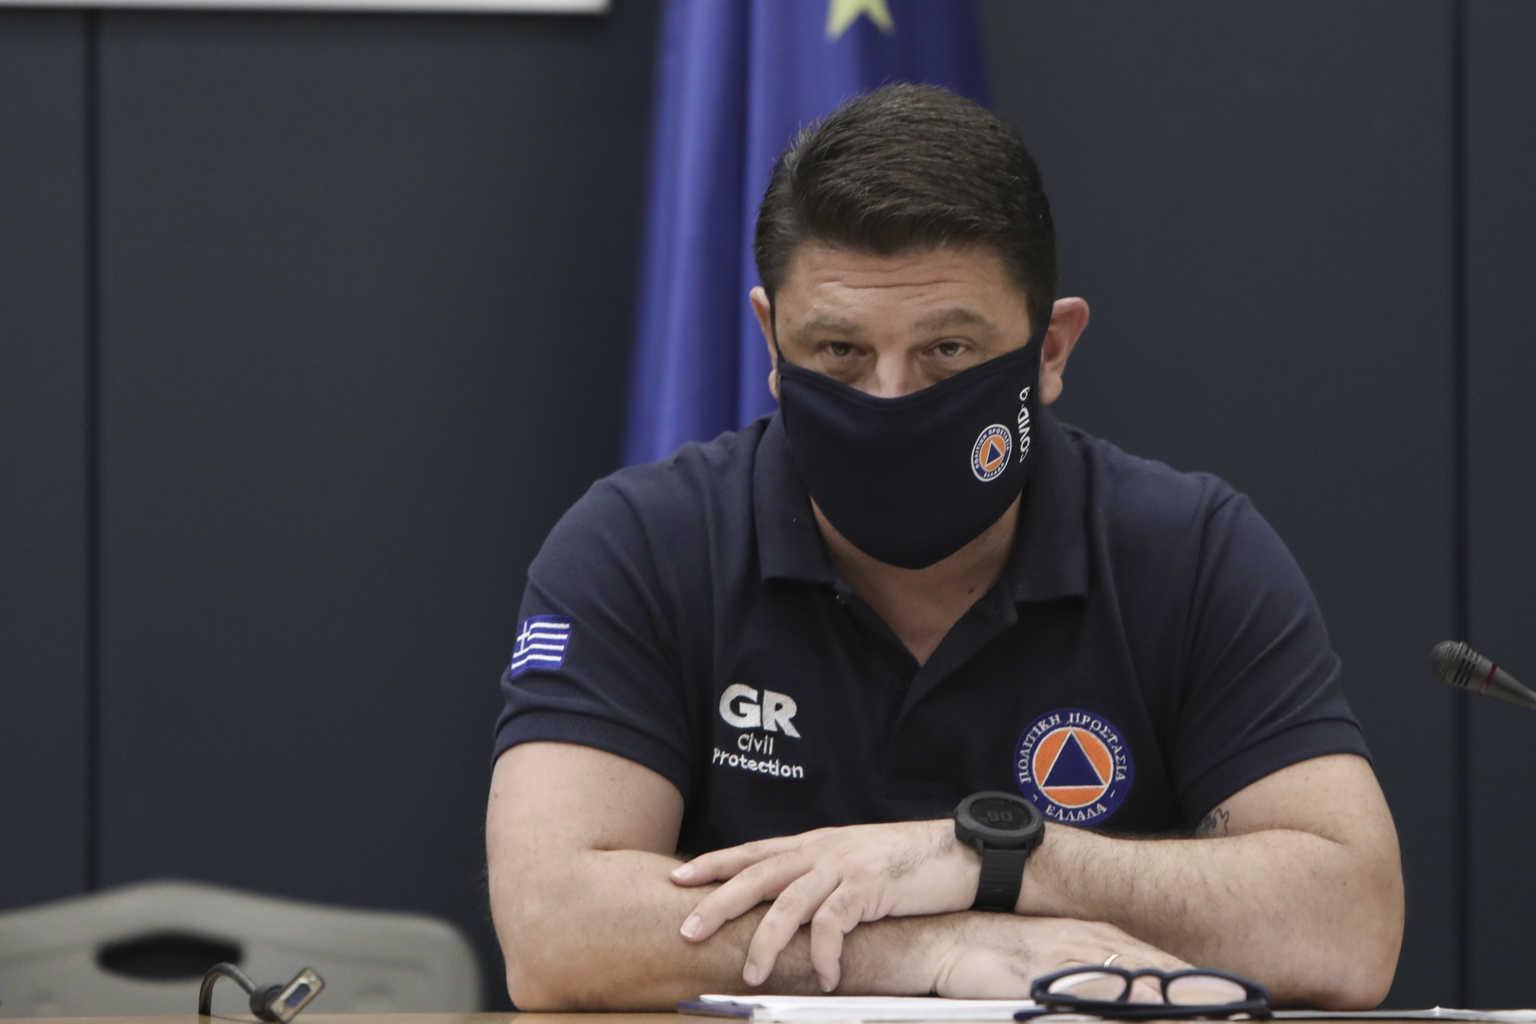 Νίκος Χαρδαλιάς: Κλειστά  περίπτερα, μίνι μάρκετ και κάβες από τα μεσάνυχτα έως τις 5 το πρωί